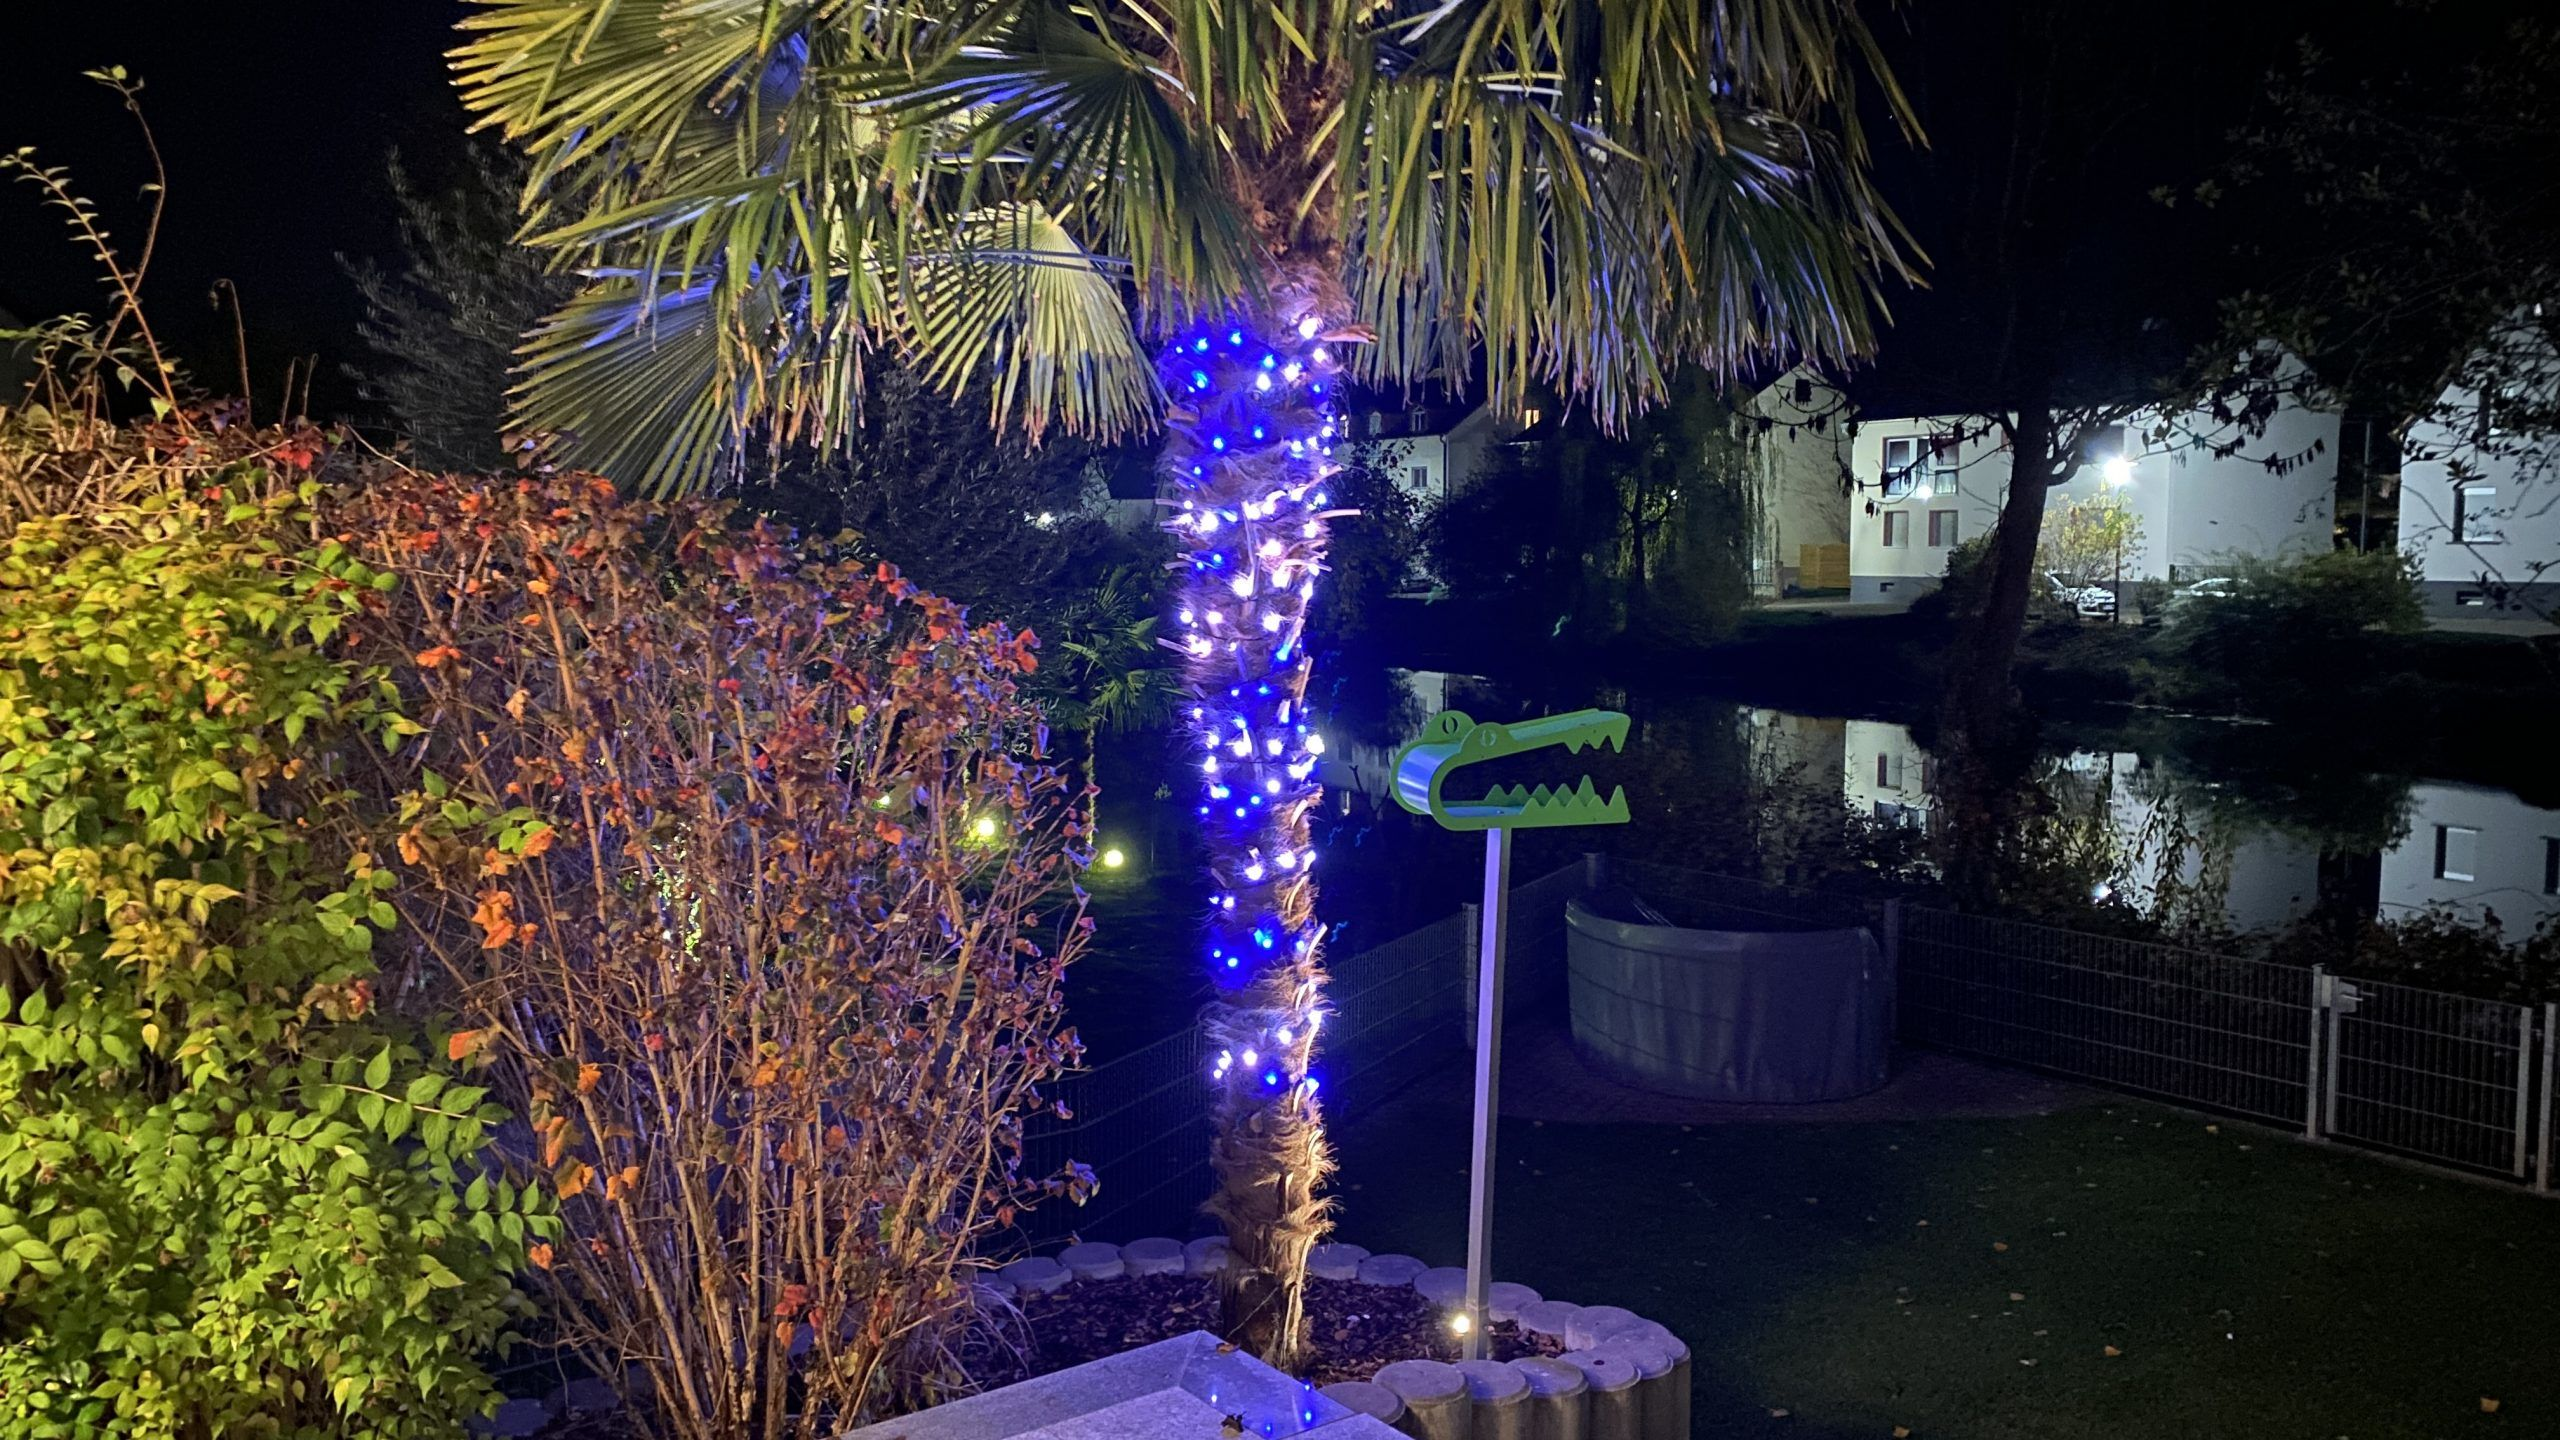 Smarte Weihnachtsbeleuchtung für Drinnen und Draußen –  bunte Weihnachten im Garten und am Weihnachtsbaum